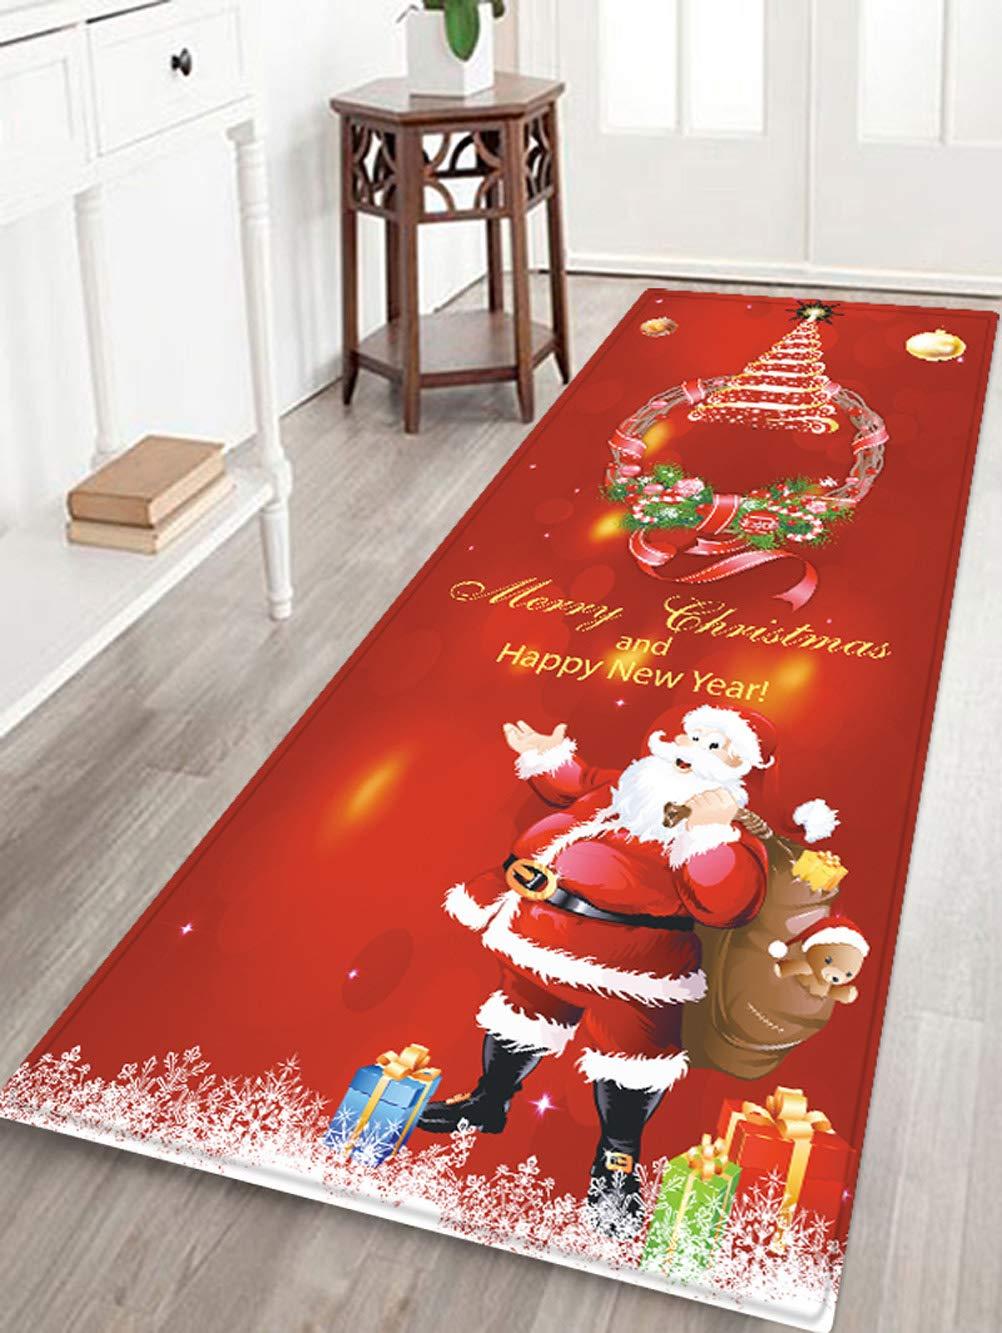 WSHINE 15.7 47.2 Red Christmas Decor Floor Runner Rug Kitchen Mats Indoor Outdoor Doormat Window Room Bath Mat